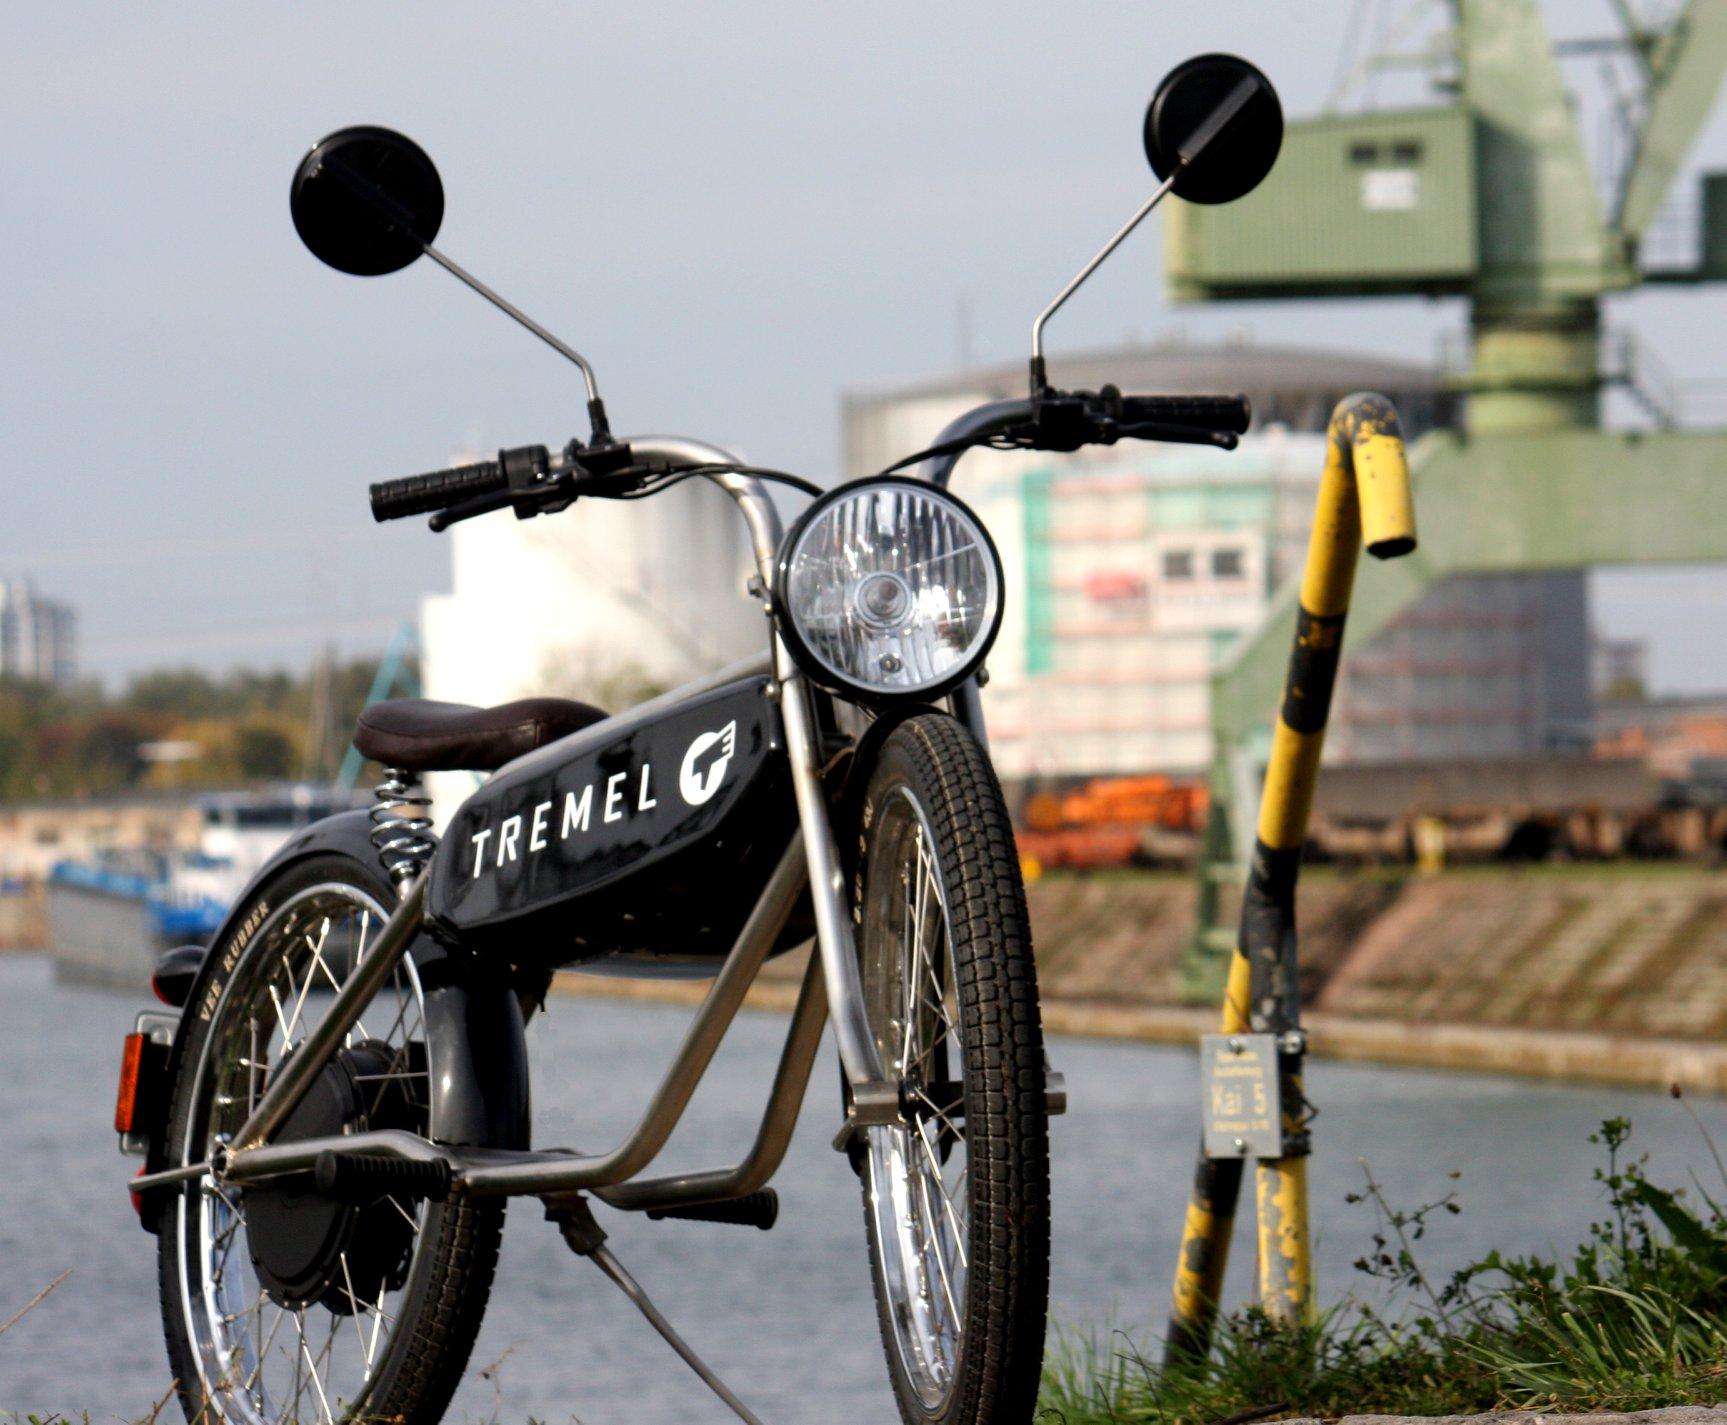 Tremel Zimmner : cette mobylette électrique au style vintage ravira les plus nostalgiques